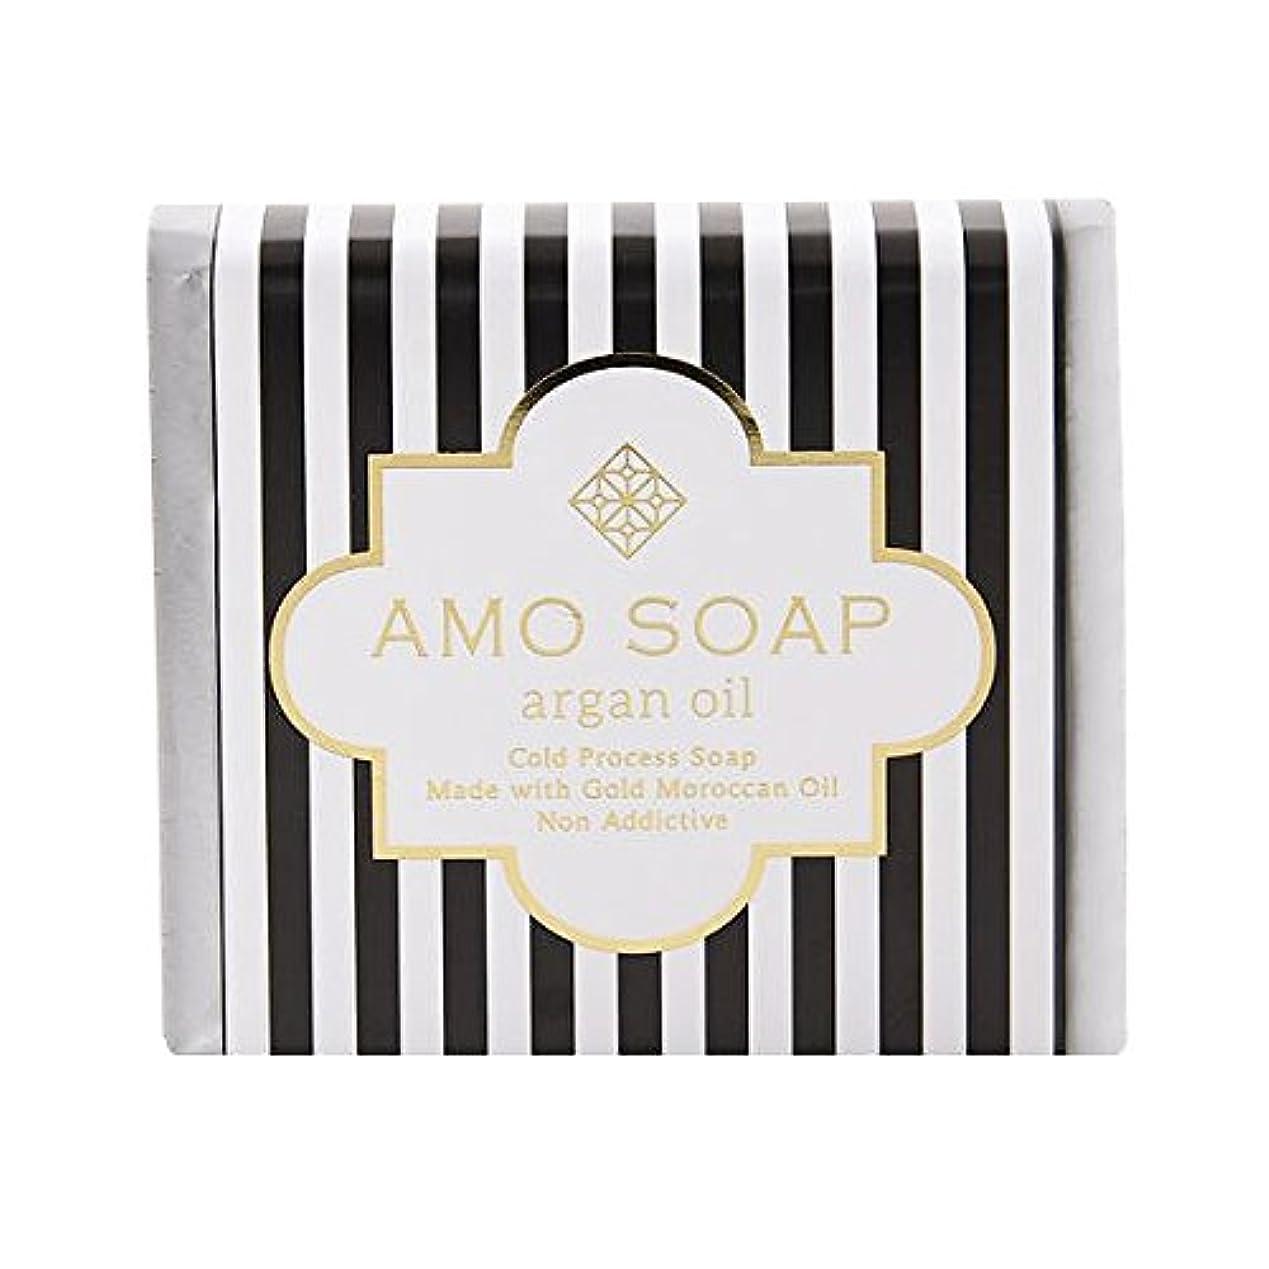 弾薬対処する見積りAMO SOAP(アモソープ) 洗顔せっけんアルガンオイル配合 1個 コールドプロセス製法 日本製 エイジングケア オリーブオイル シアバター